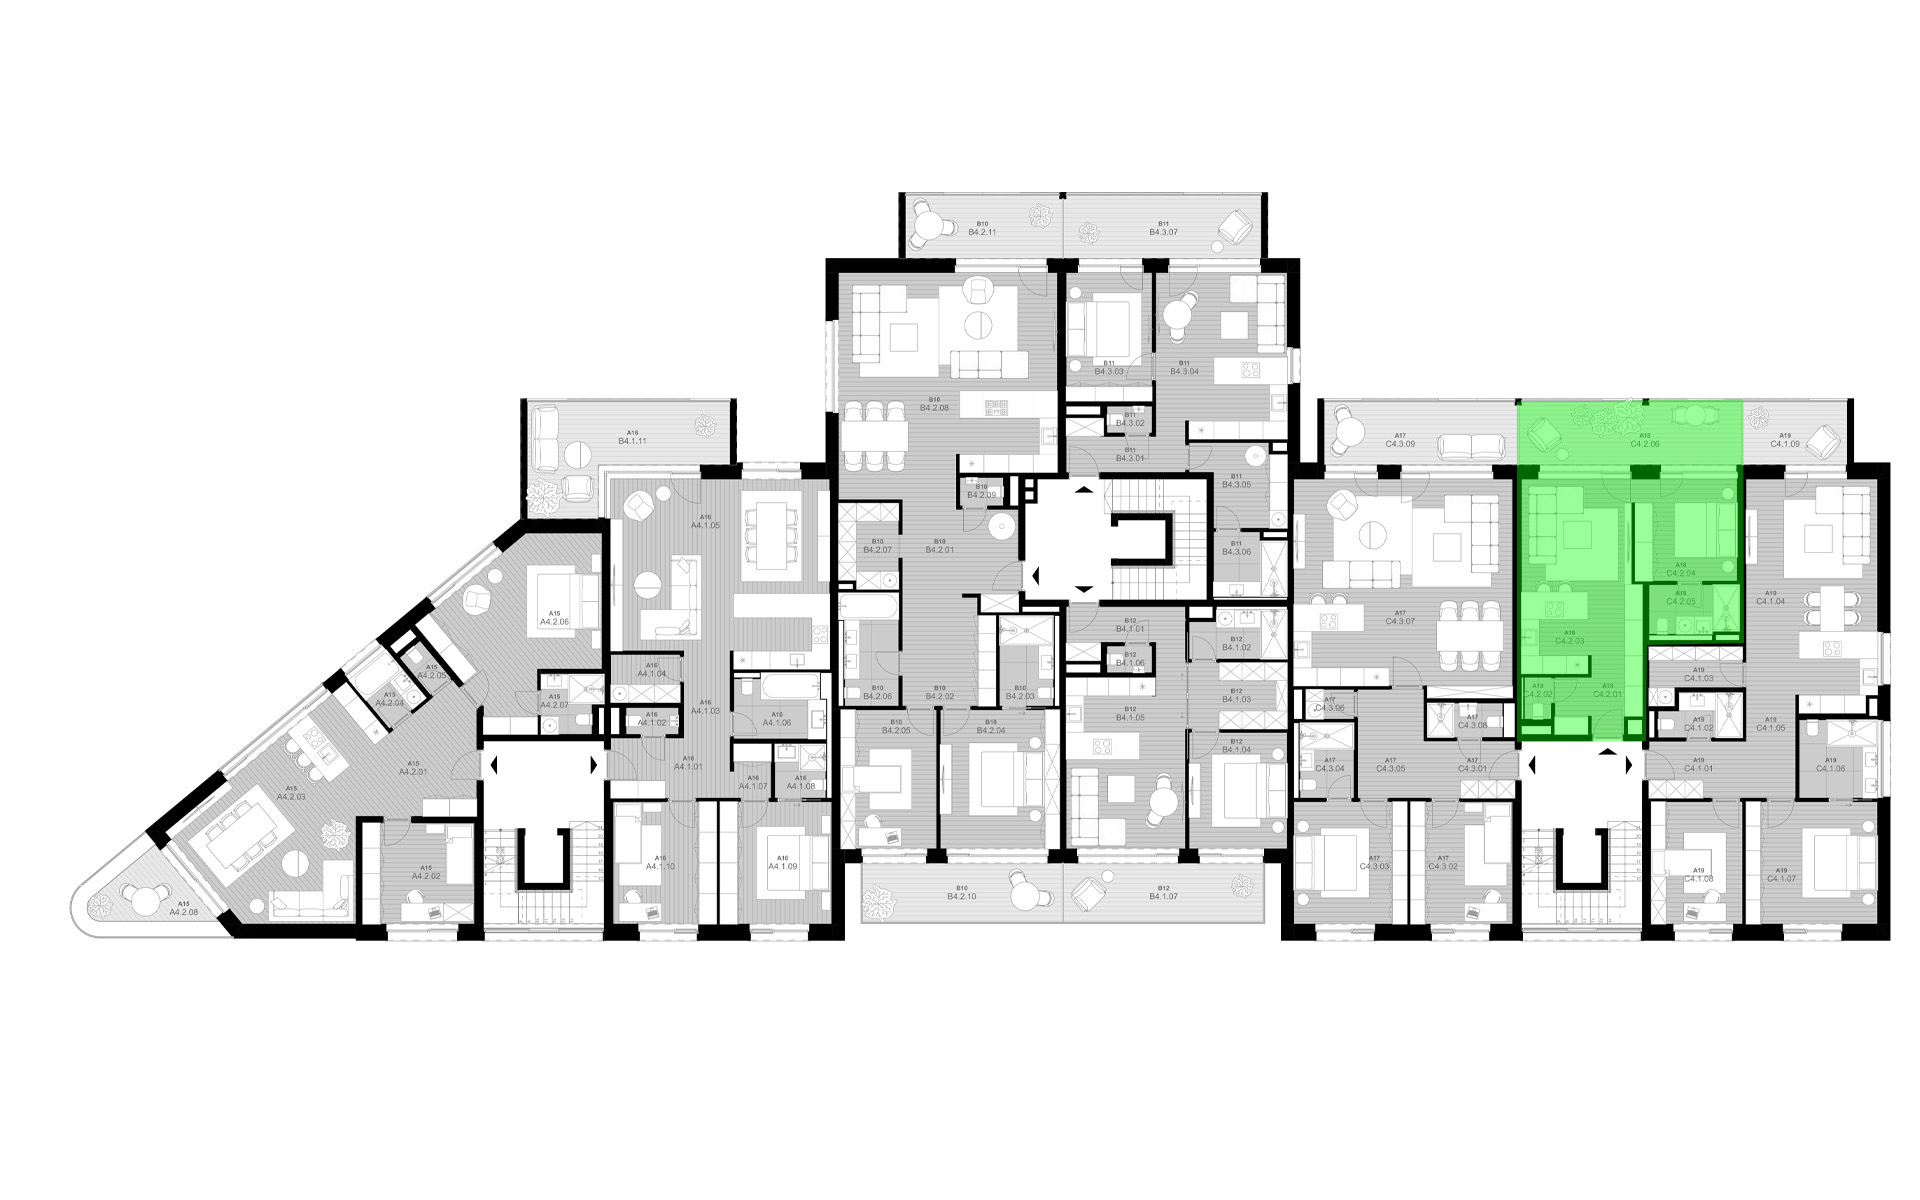 rezidencia K Železnej Studienke - pôdorys so zvýraznením apartmánu C4.2